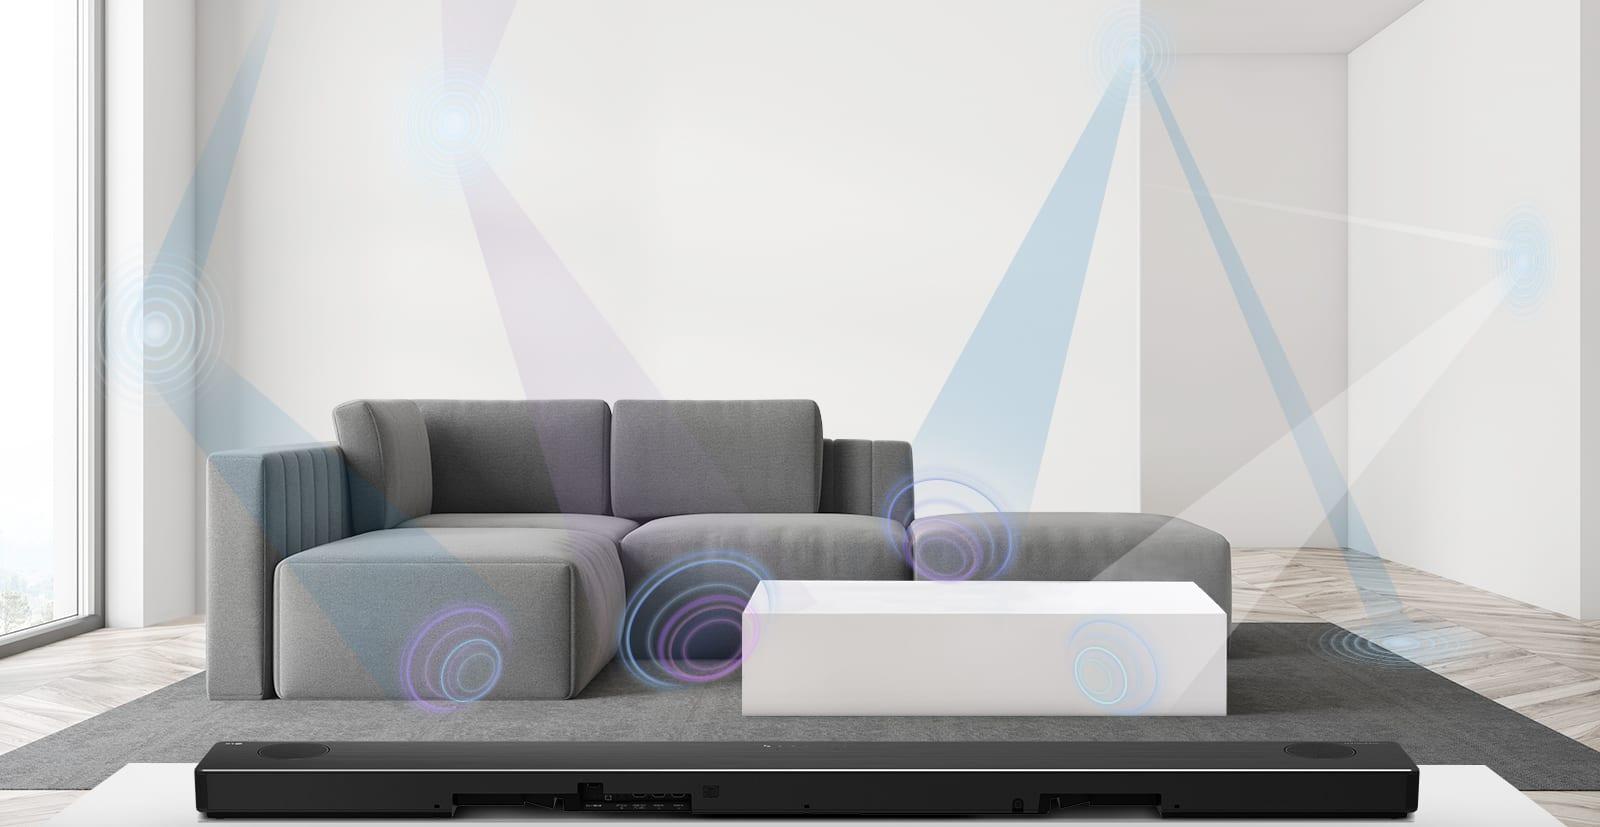 LG готовит к выпуску линейку саундбаров с премиальным качеством звучания (sn11rg ai room calibration)